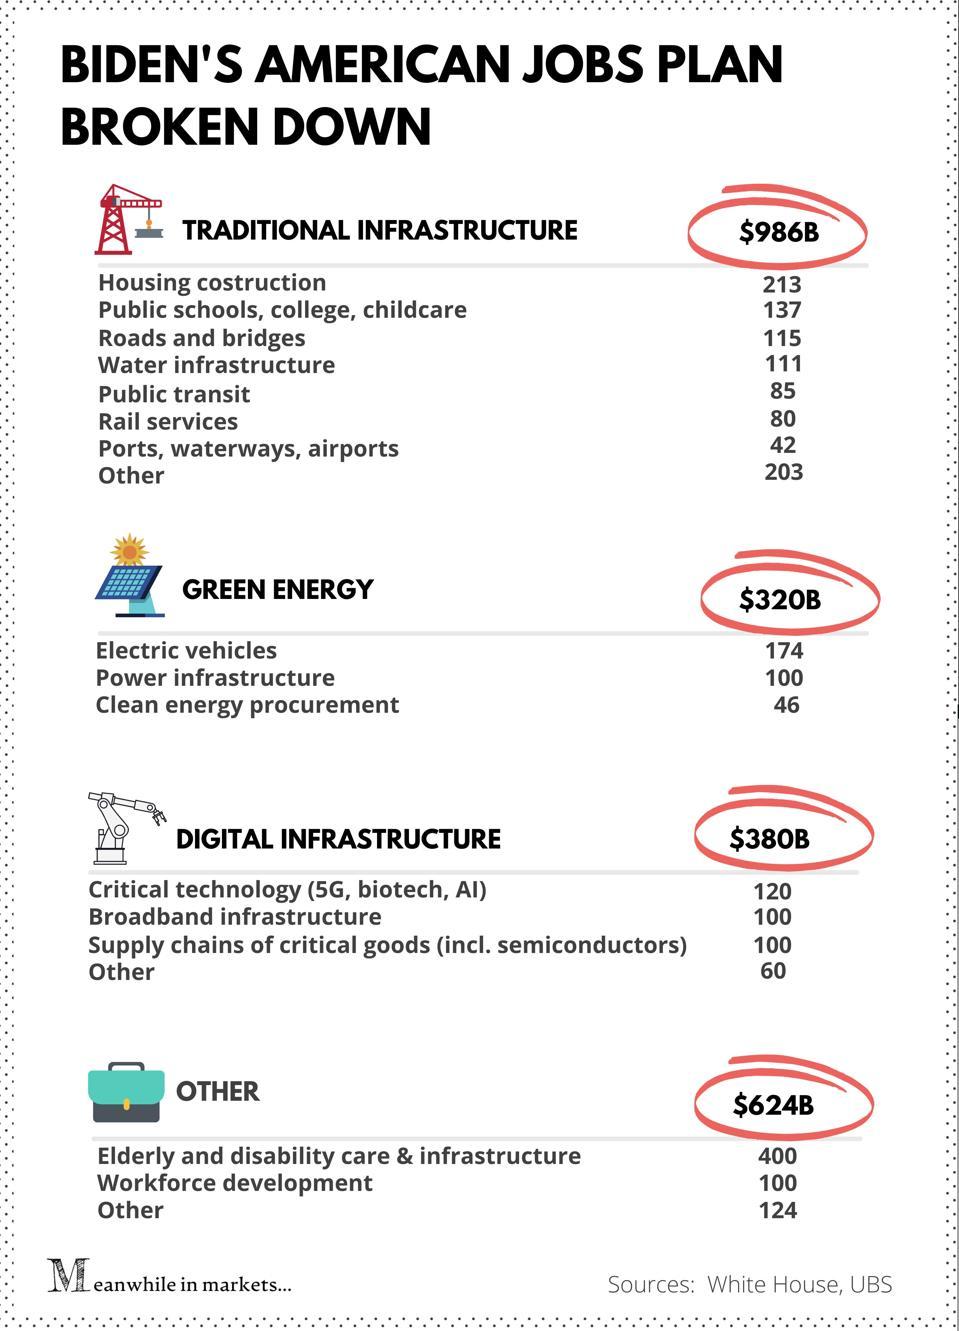 Infographic: American Jobs Plan broken down